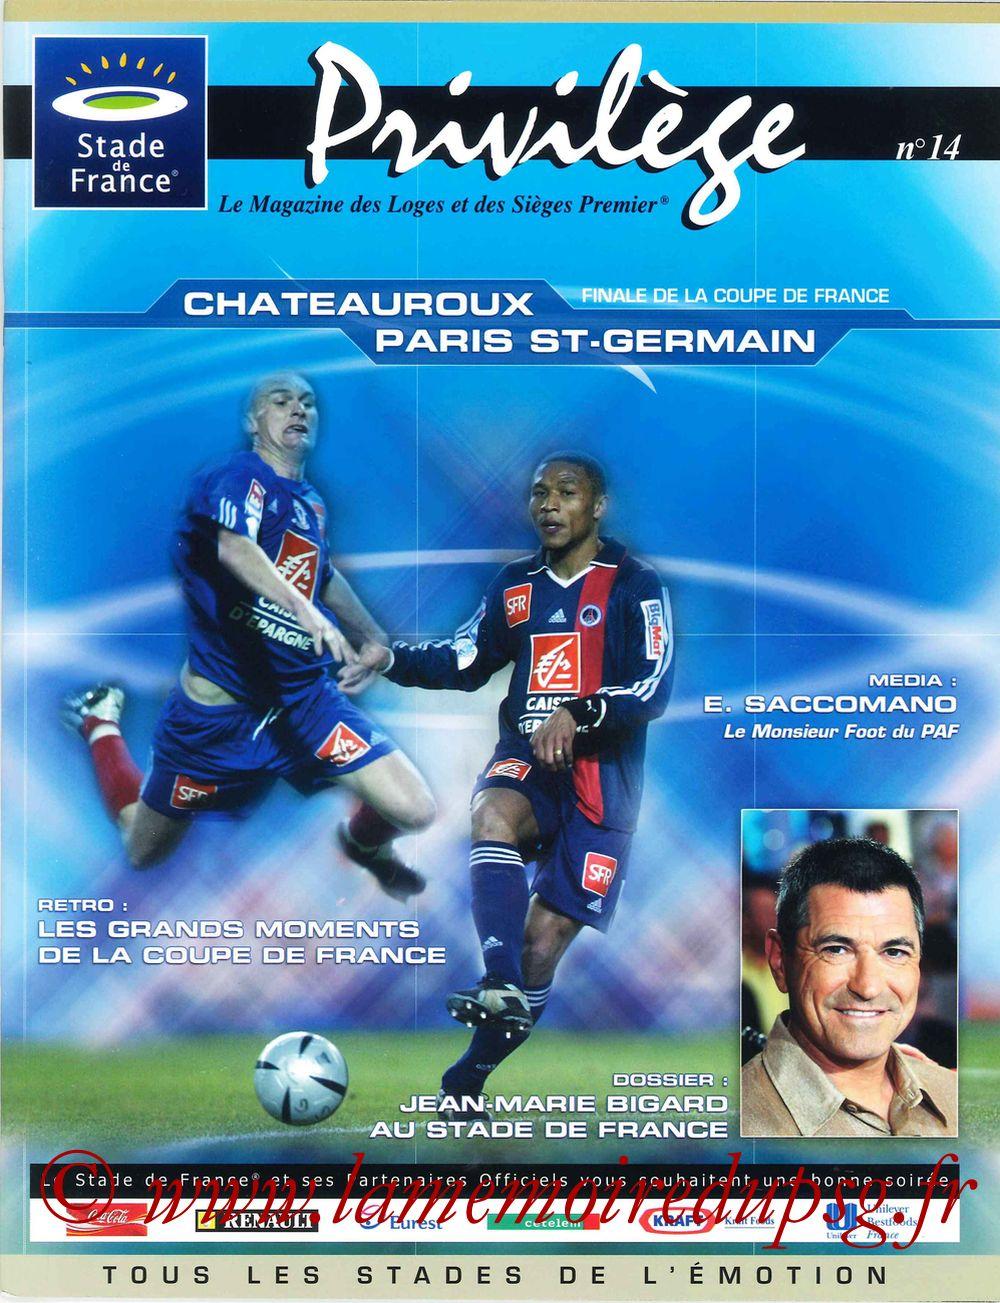 2004-05-29  PSG-Chateauroux (Finale CF à Saint-Denis, Privilège N°14)